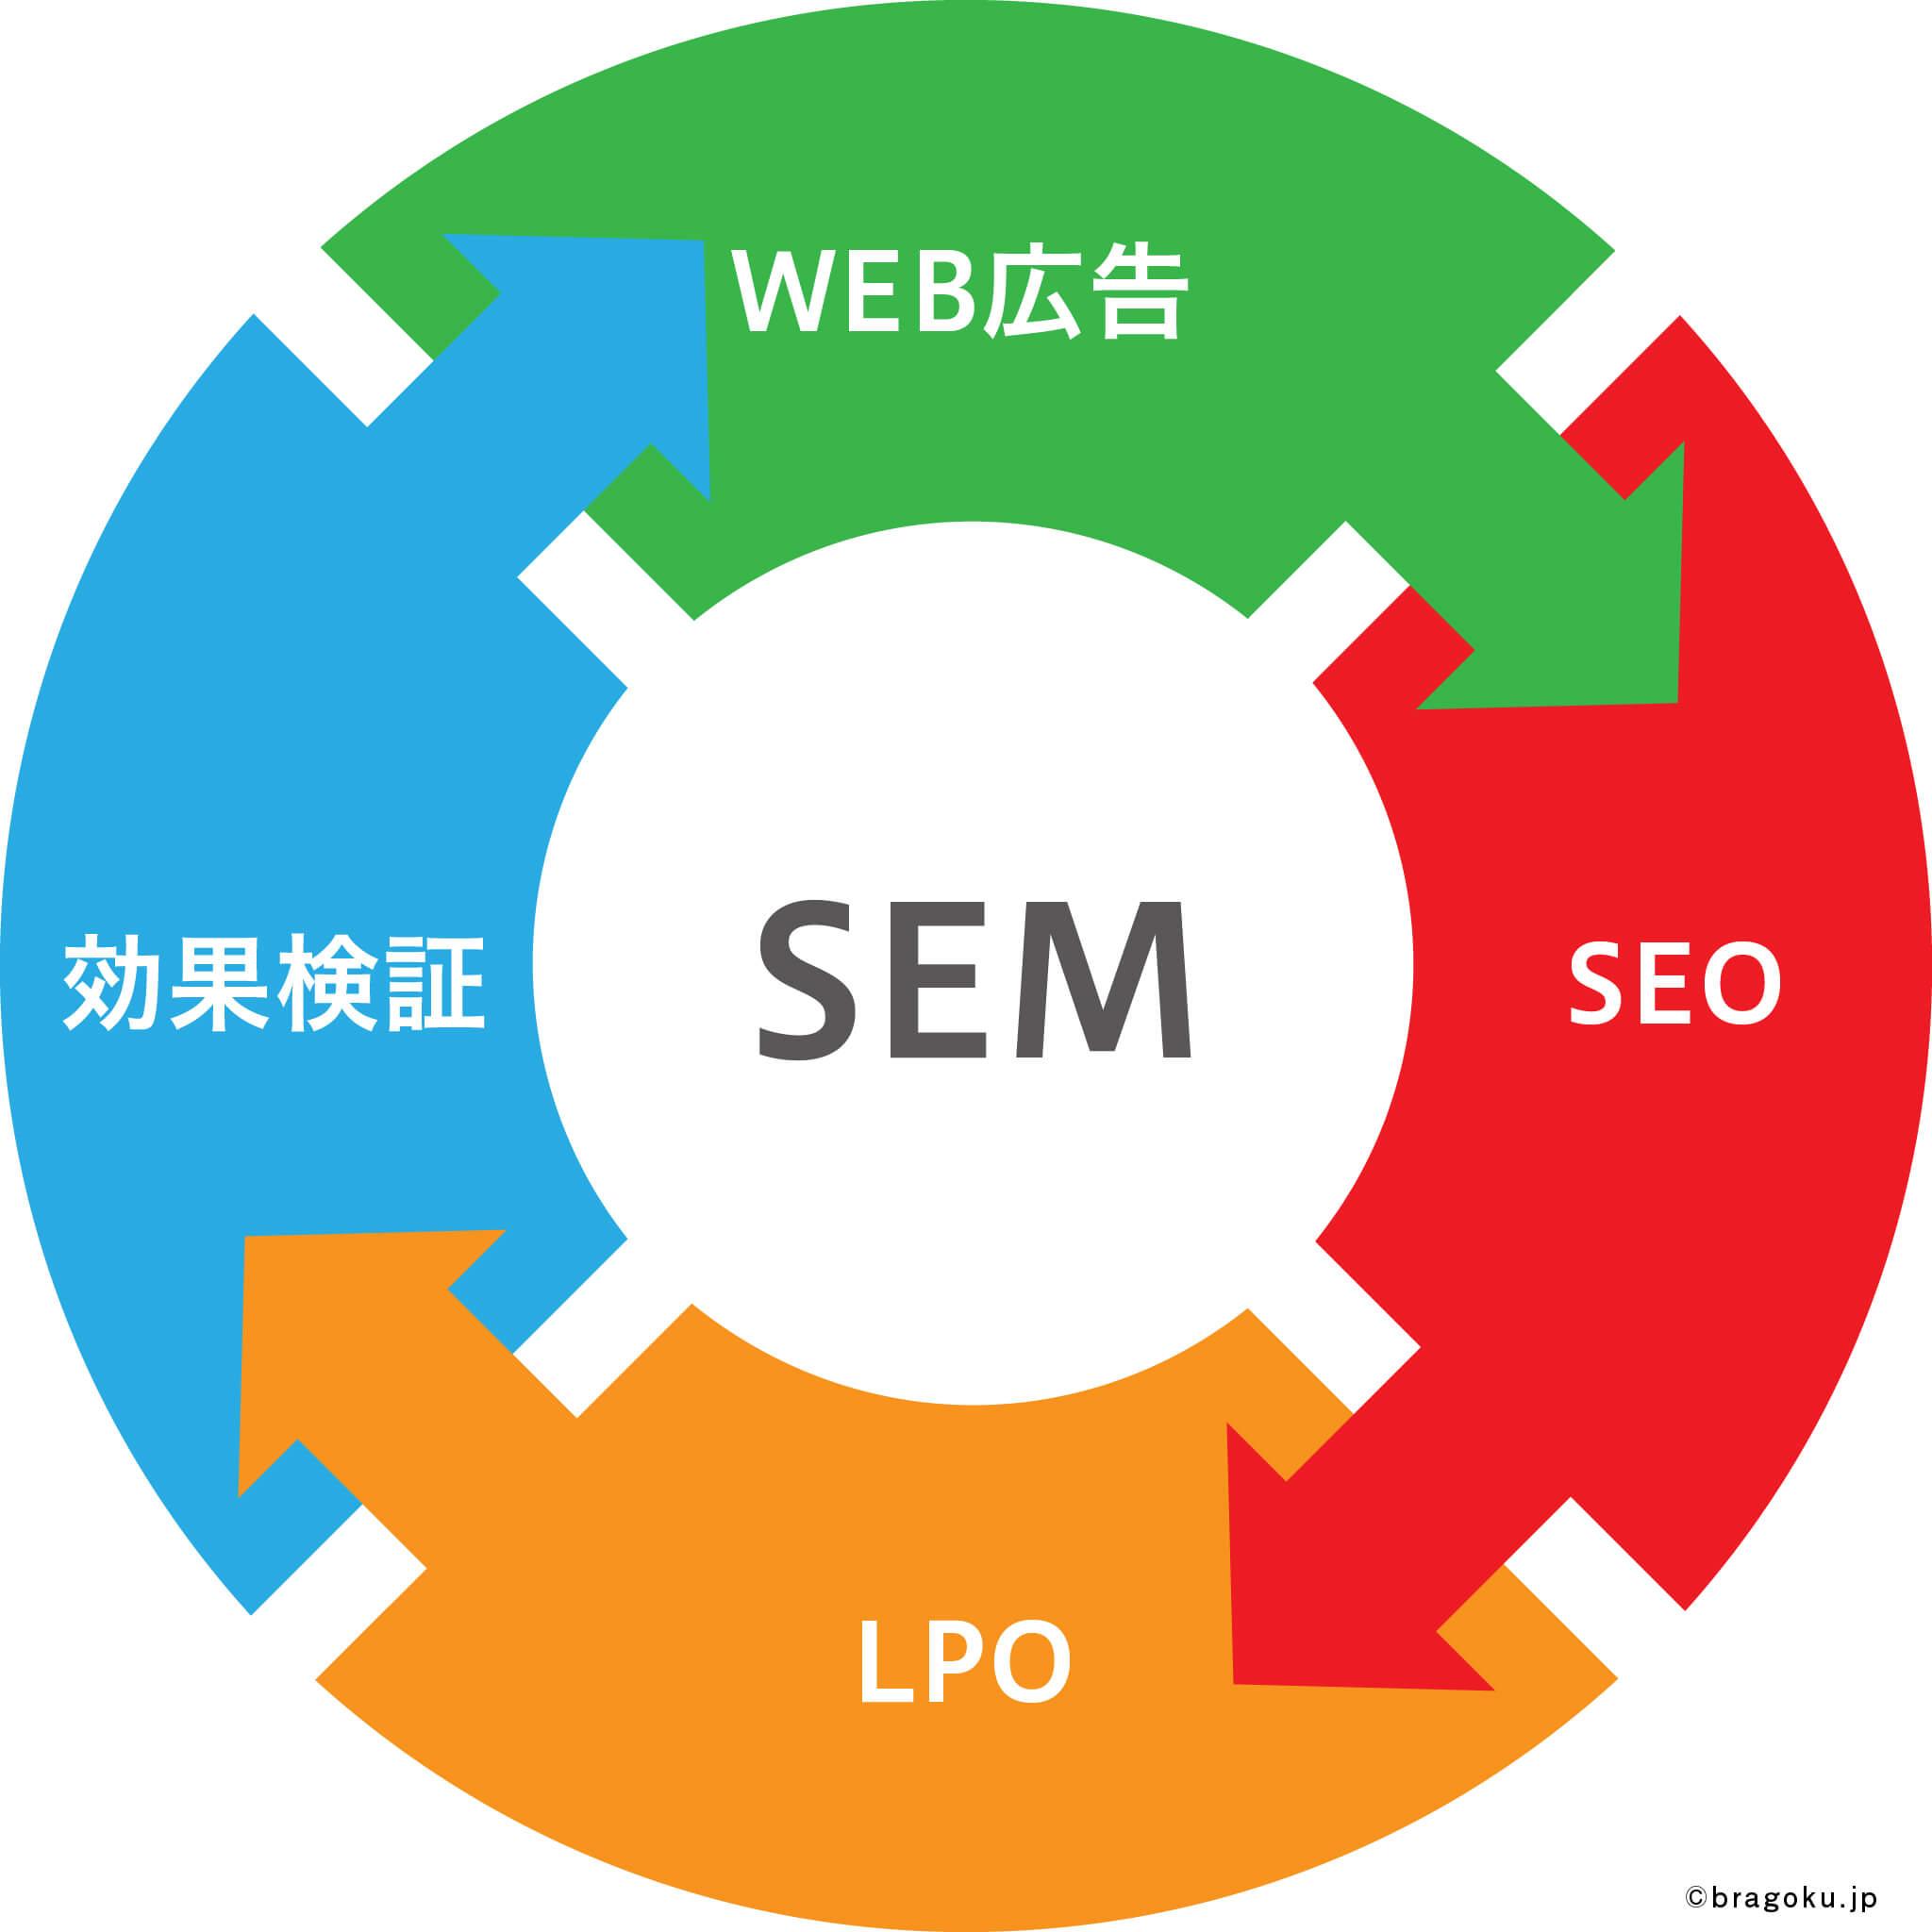 ブランド創出の極意(ブラゴク)のカテゴリ『伝える』の記事、SEMをはじめよう【第1回】 SEMとは?、SEOと広告をPDCAを繰り返して向上させていくことを表現した画像